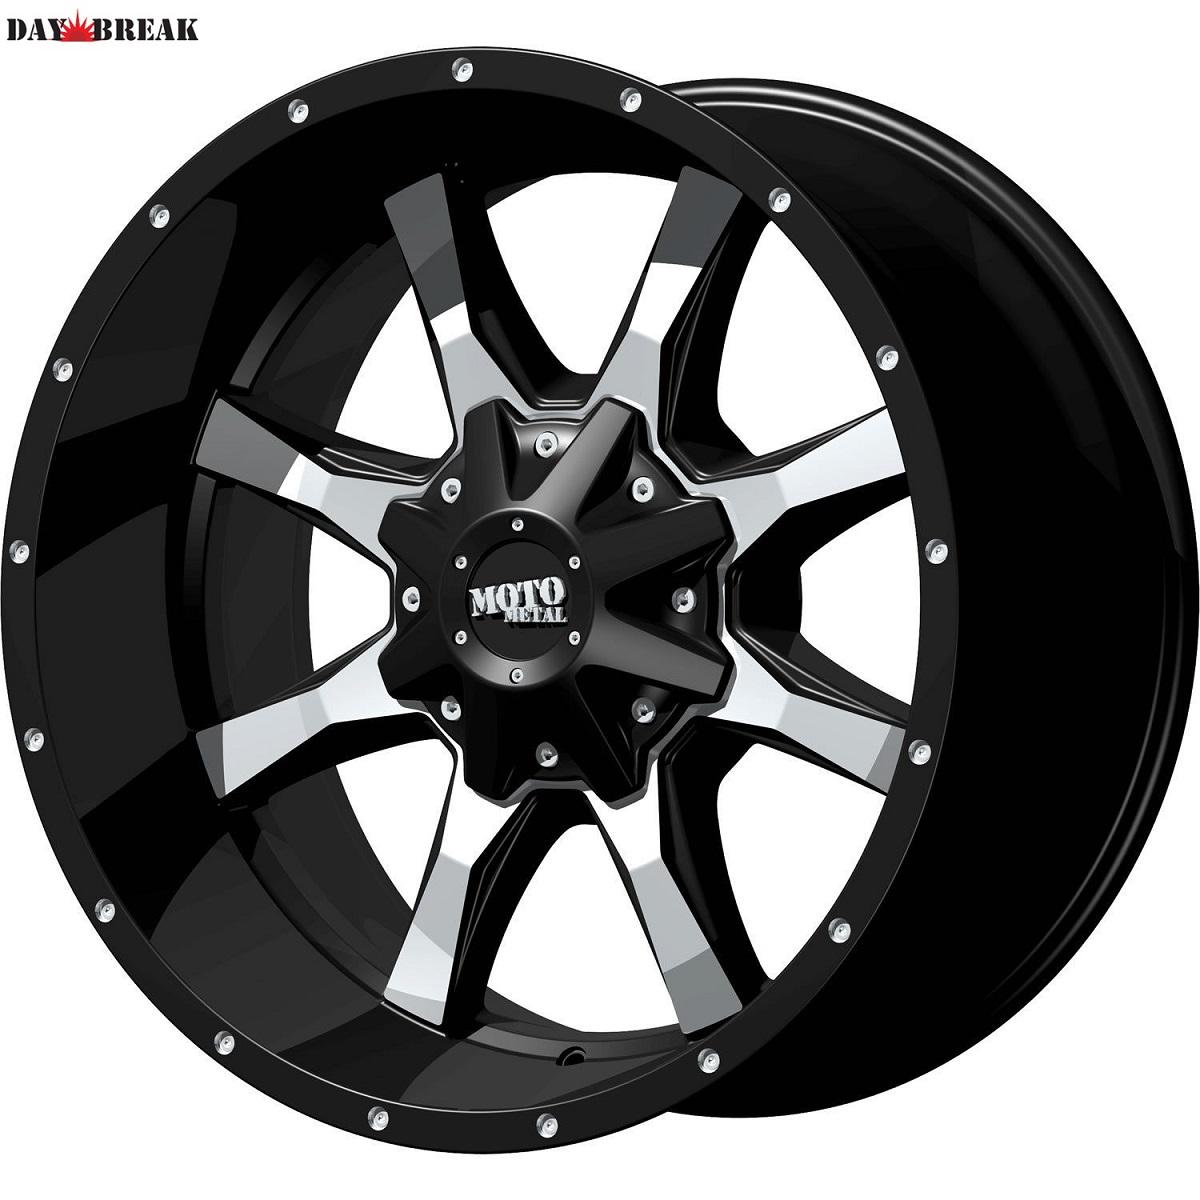 Black Moto Metal MO970 5x150 +18 20x9 Trail Blade MT 35インチタイヤ 20インチホイール セット [2007年~タンドラ][2008年~セコイア][ランクル100][ランクル200][送料無料][バランス組み込みサービス][アメ車][逆輸入車][デイブレイク]